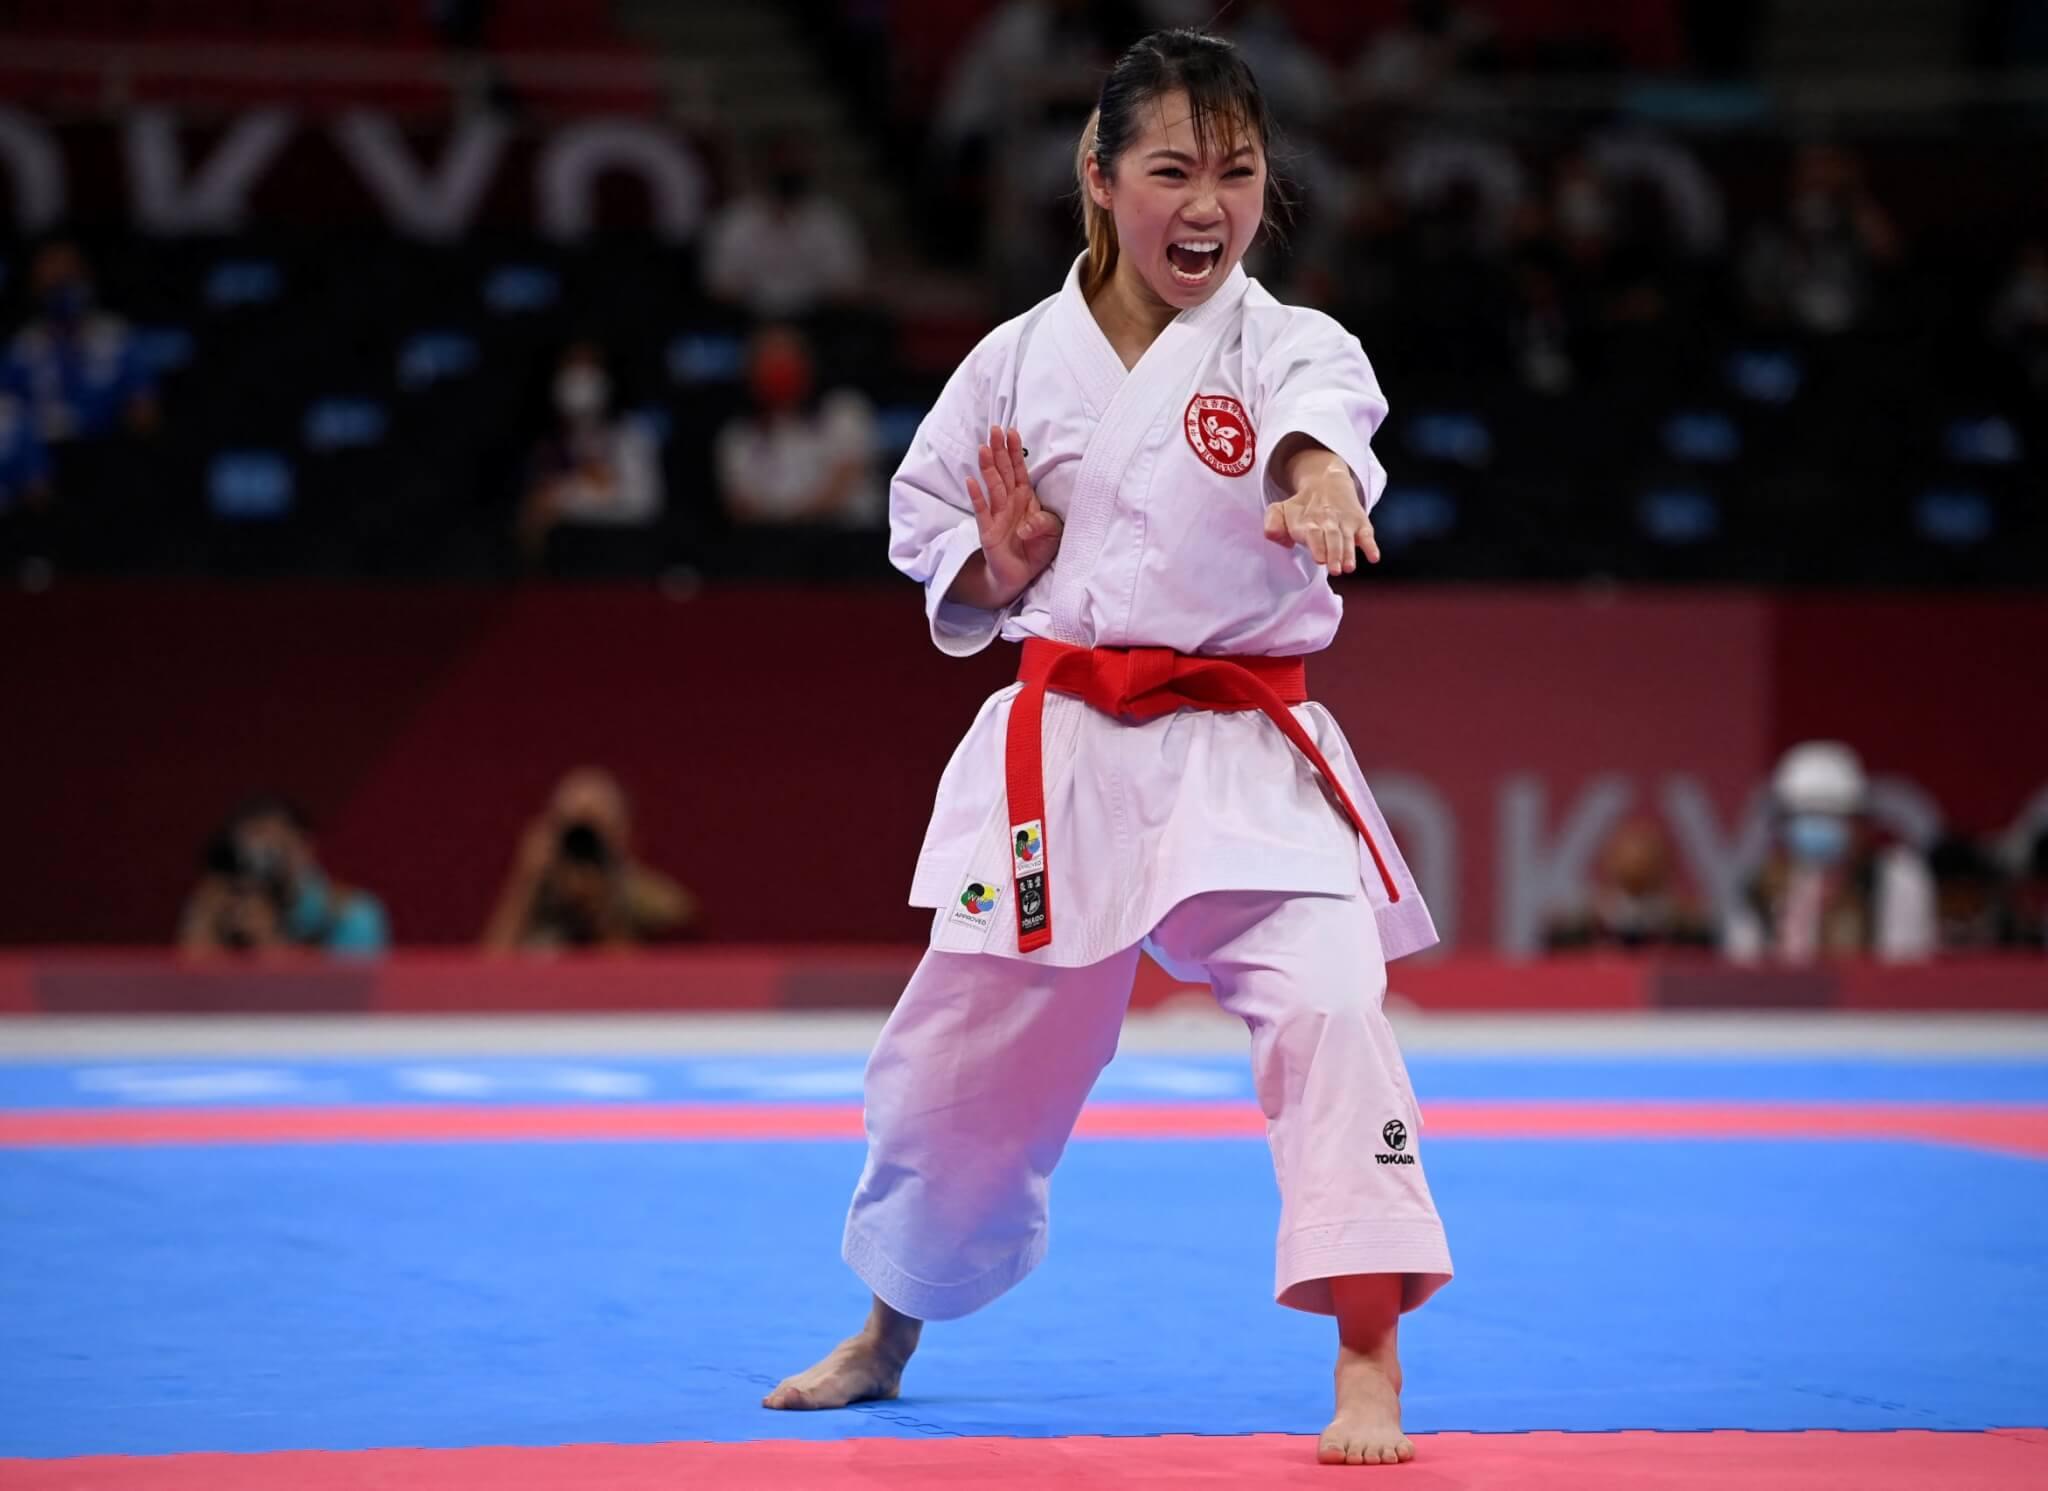 劉慕裳成功晉級,於今晚出戰銅牌賽。(法新社圖片)